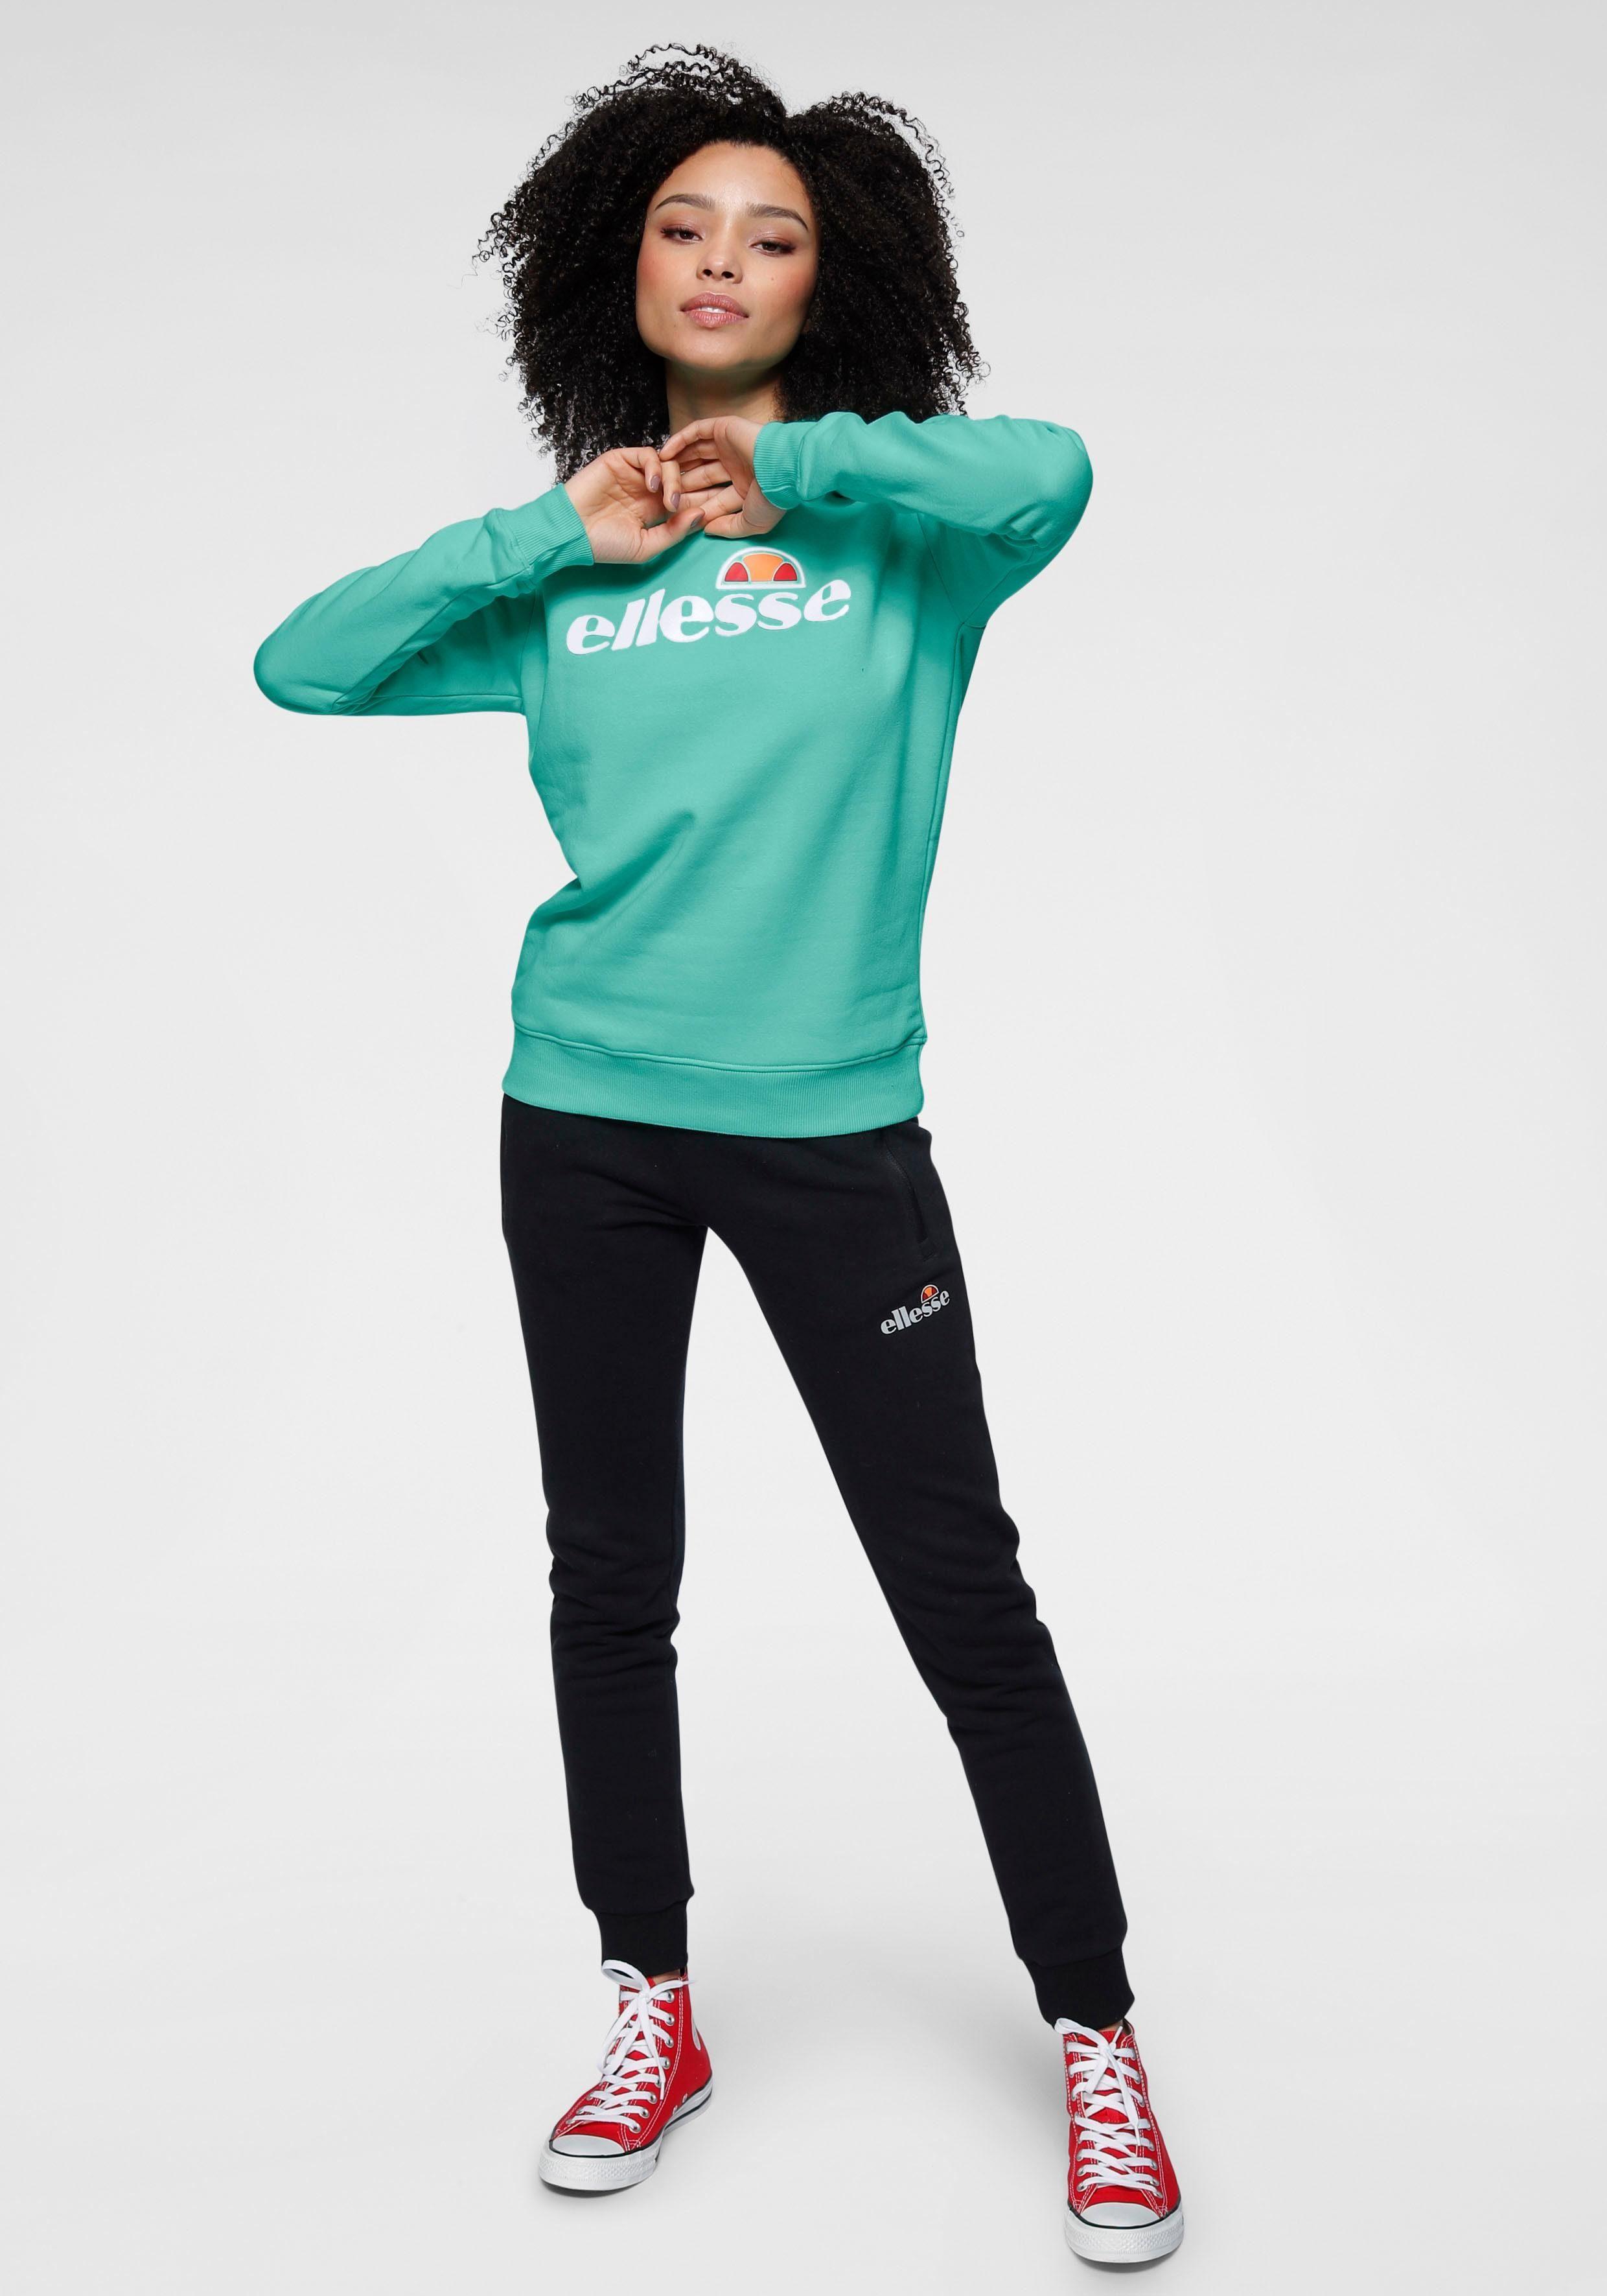 Ellesse Sweatshirt Tofaro Nu Online Kopen - Geweldige Prijs